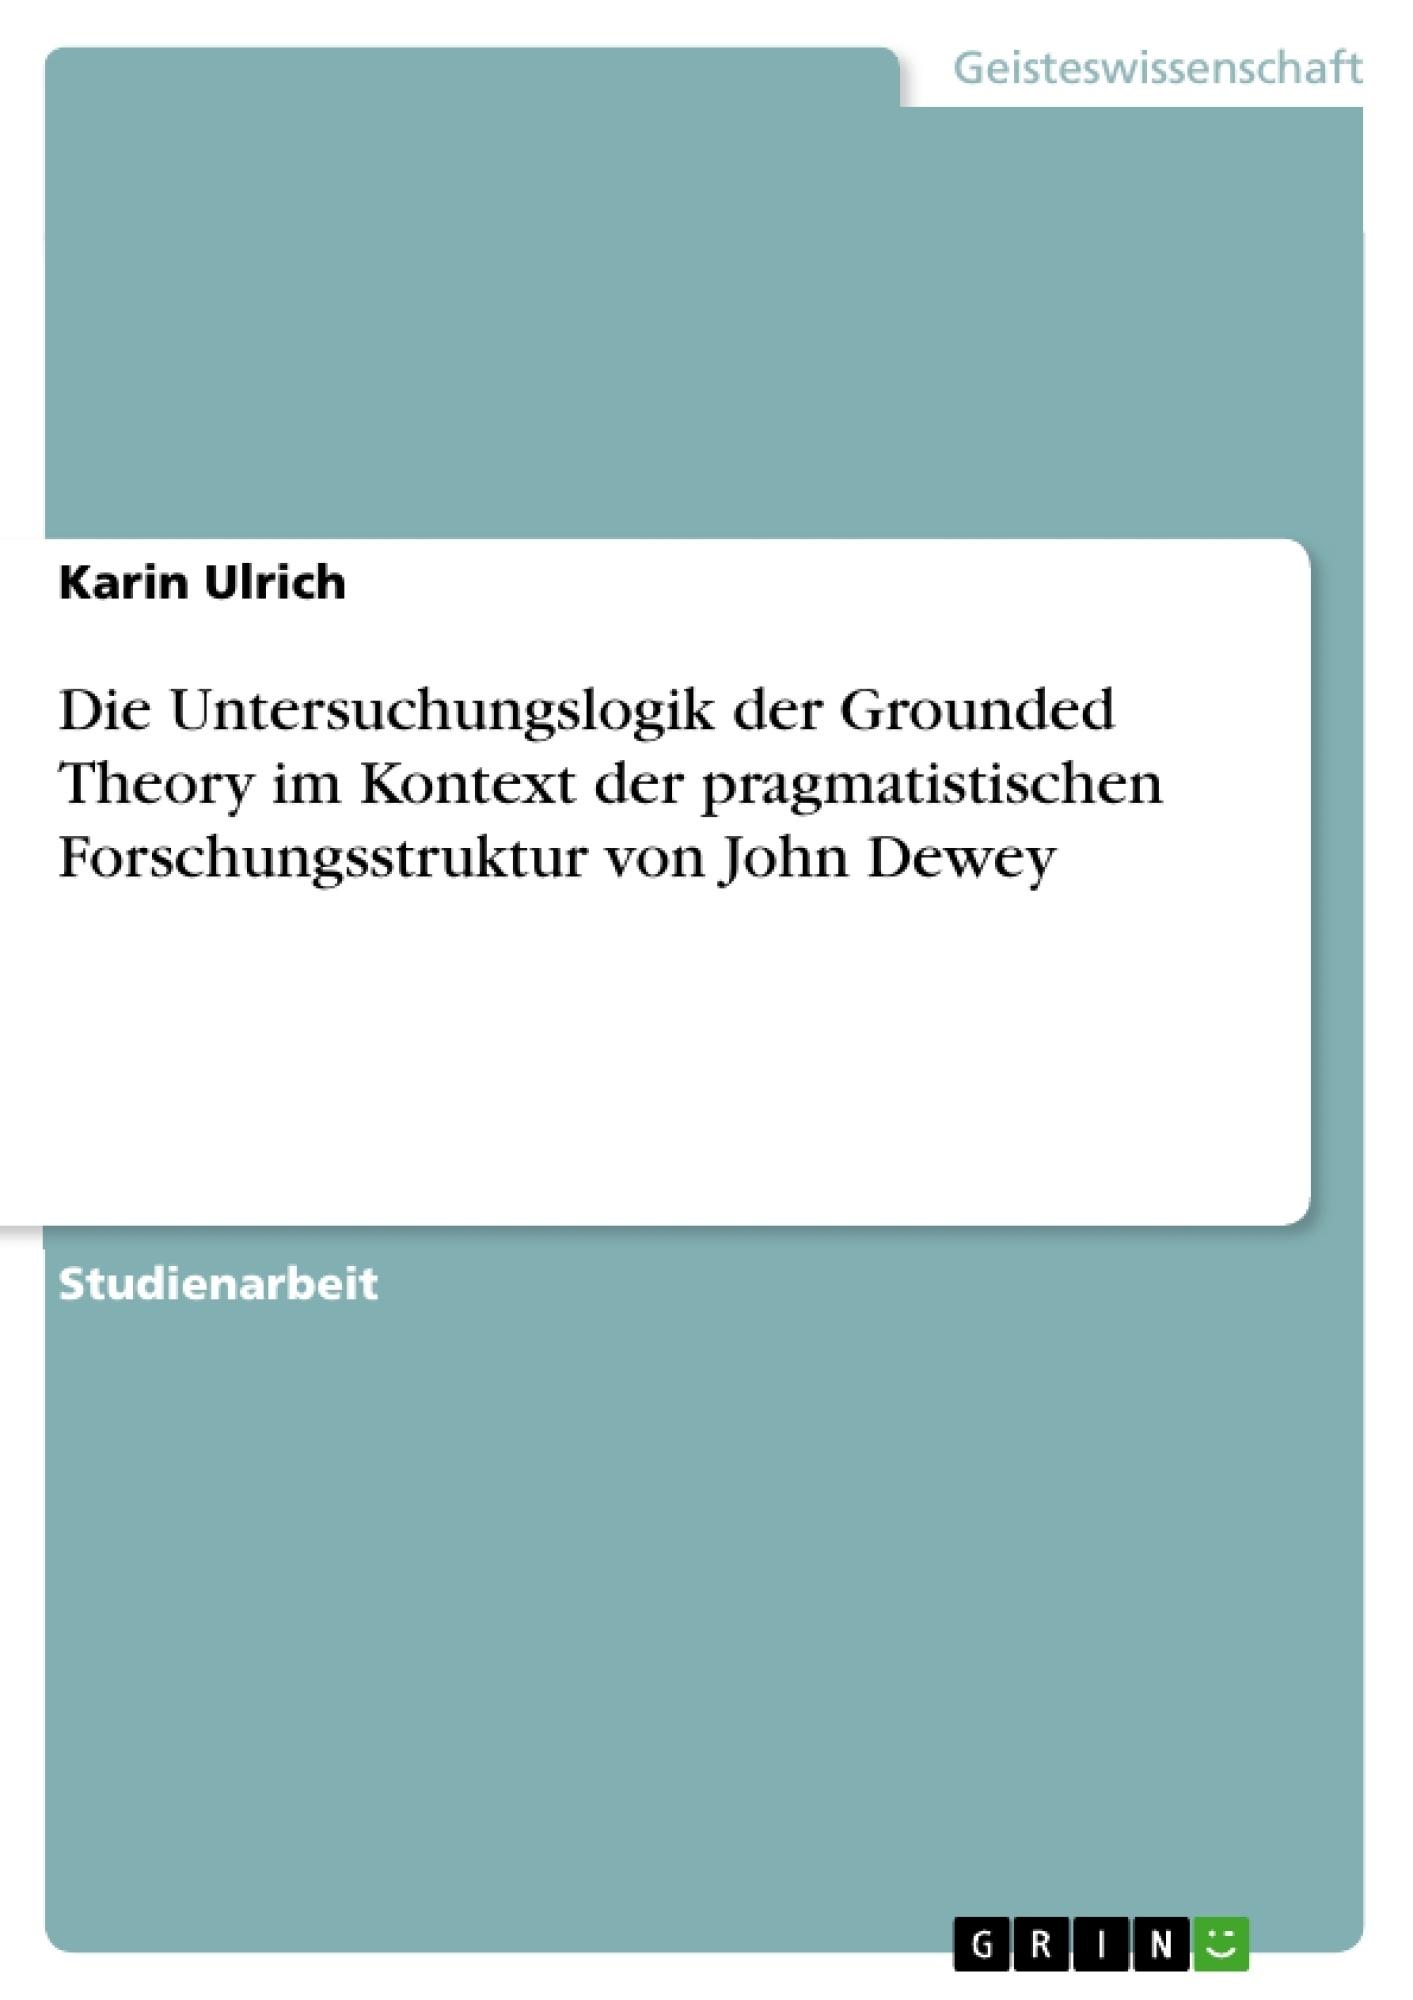 Titel: Die Untersuchungslogik der Grounded Theory im Kontext der pragmatistischen Forschungsstruktur von John Dewey